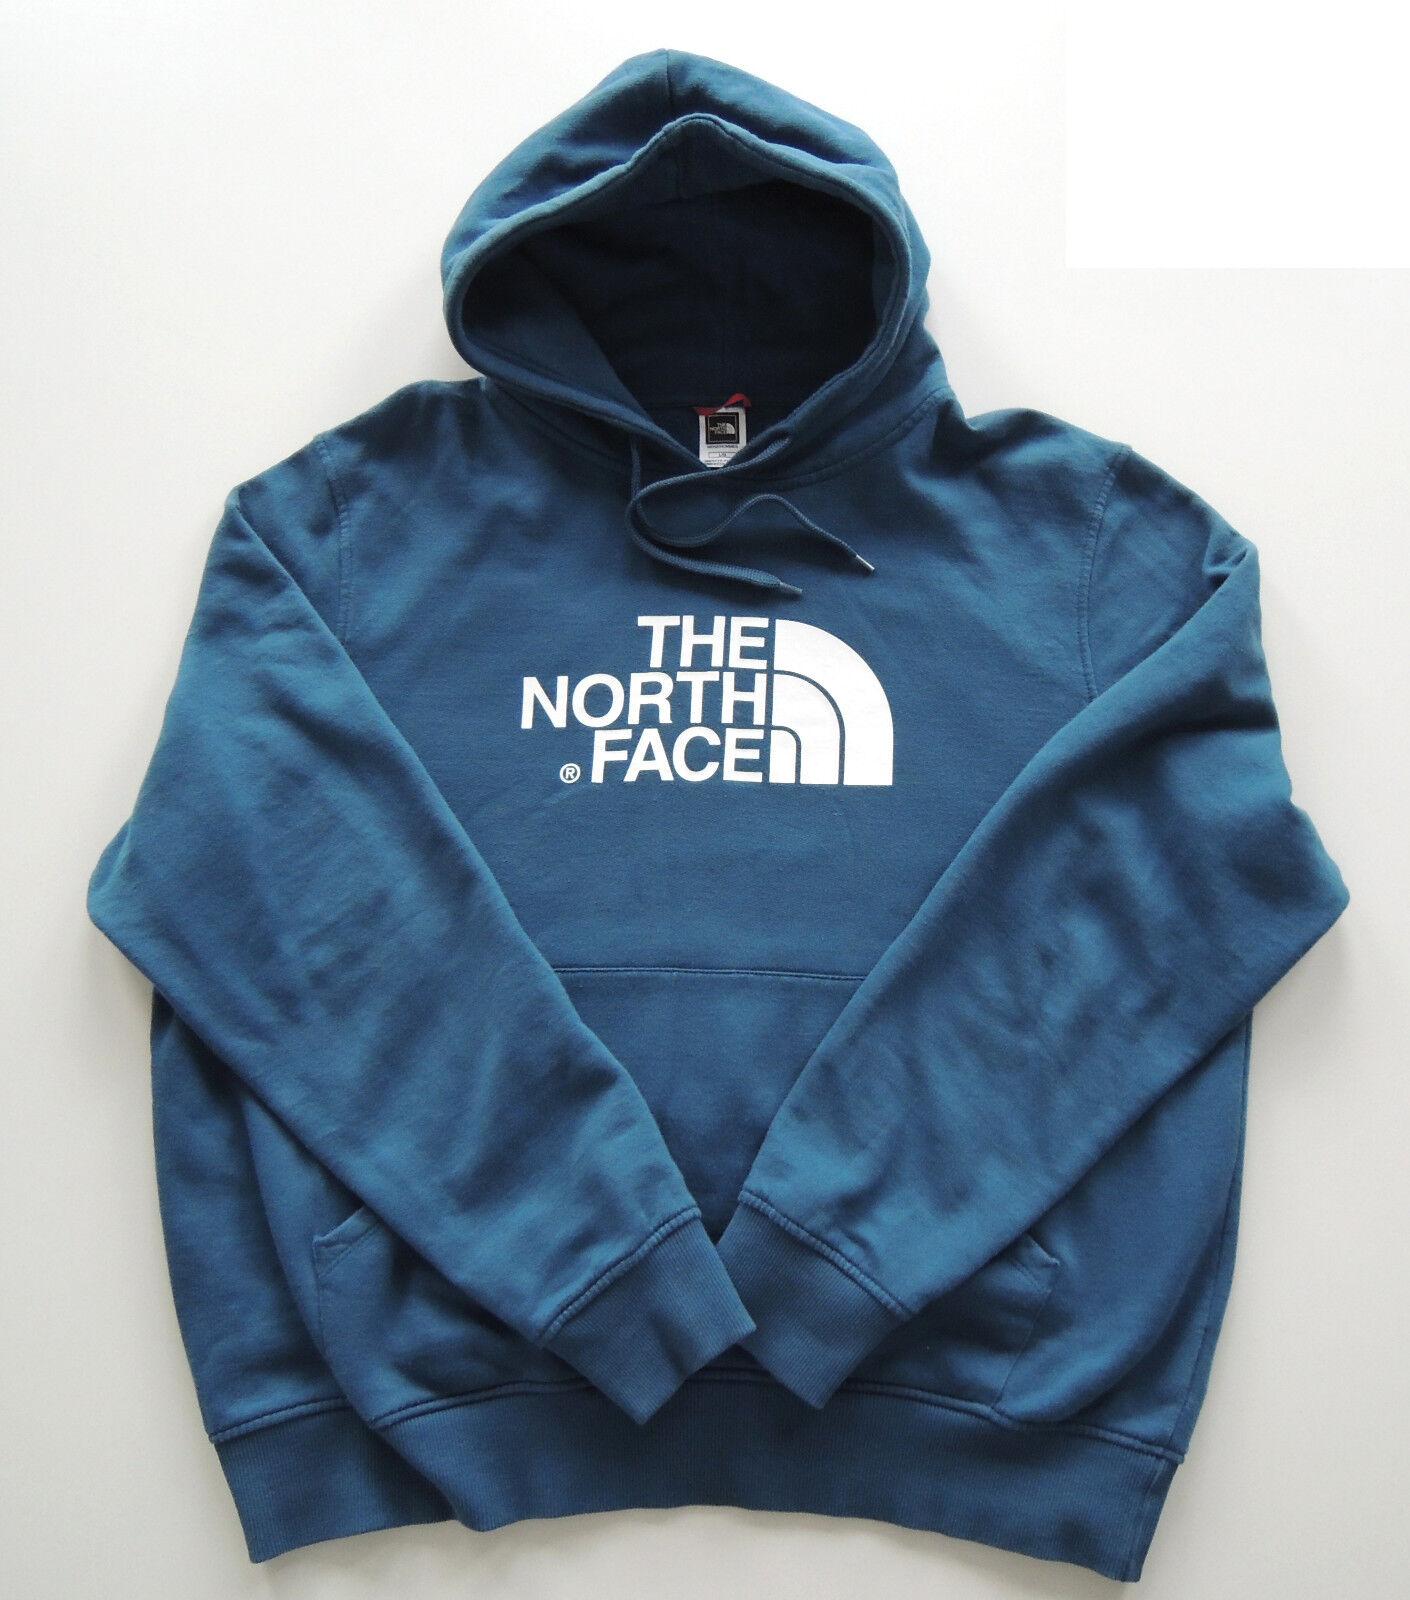 THE NORTH FACE, blau, Größe L, sehr wenig getragen, wie wie wie neu ab0eff